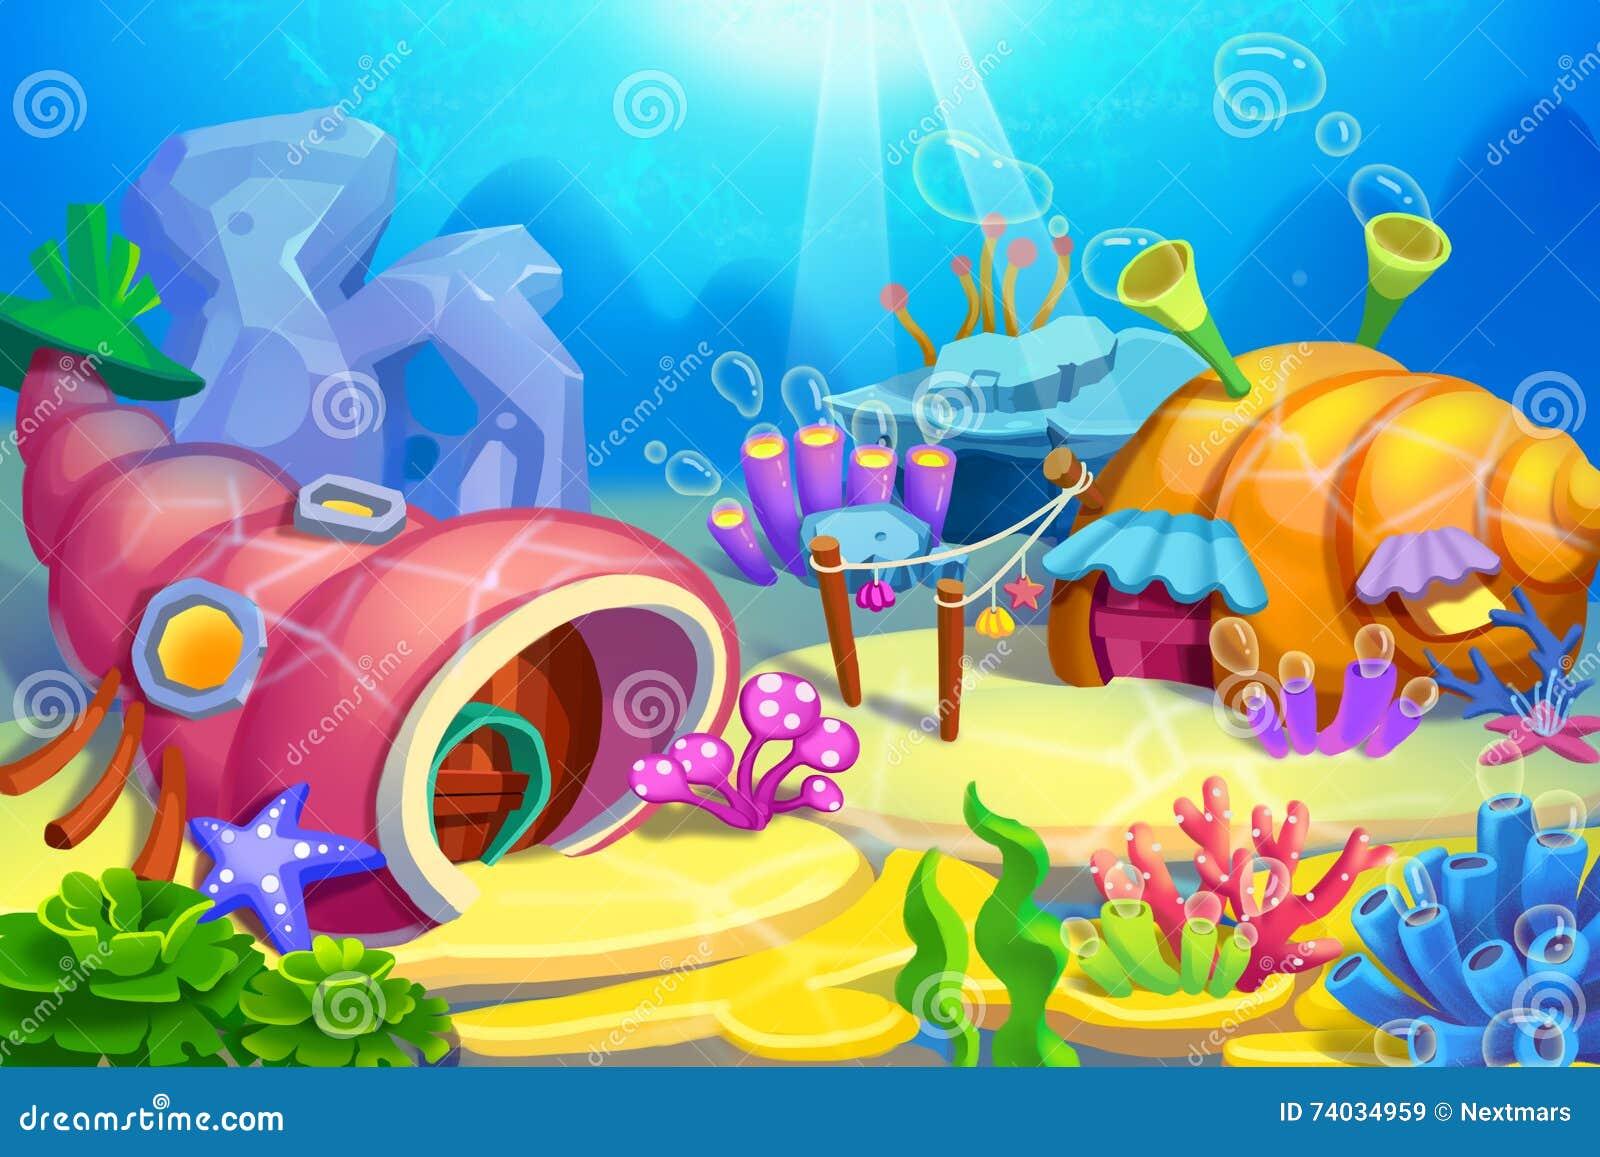 Ilustração criativa e arte inovativa: Casas subaquáticas